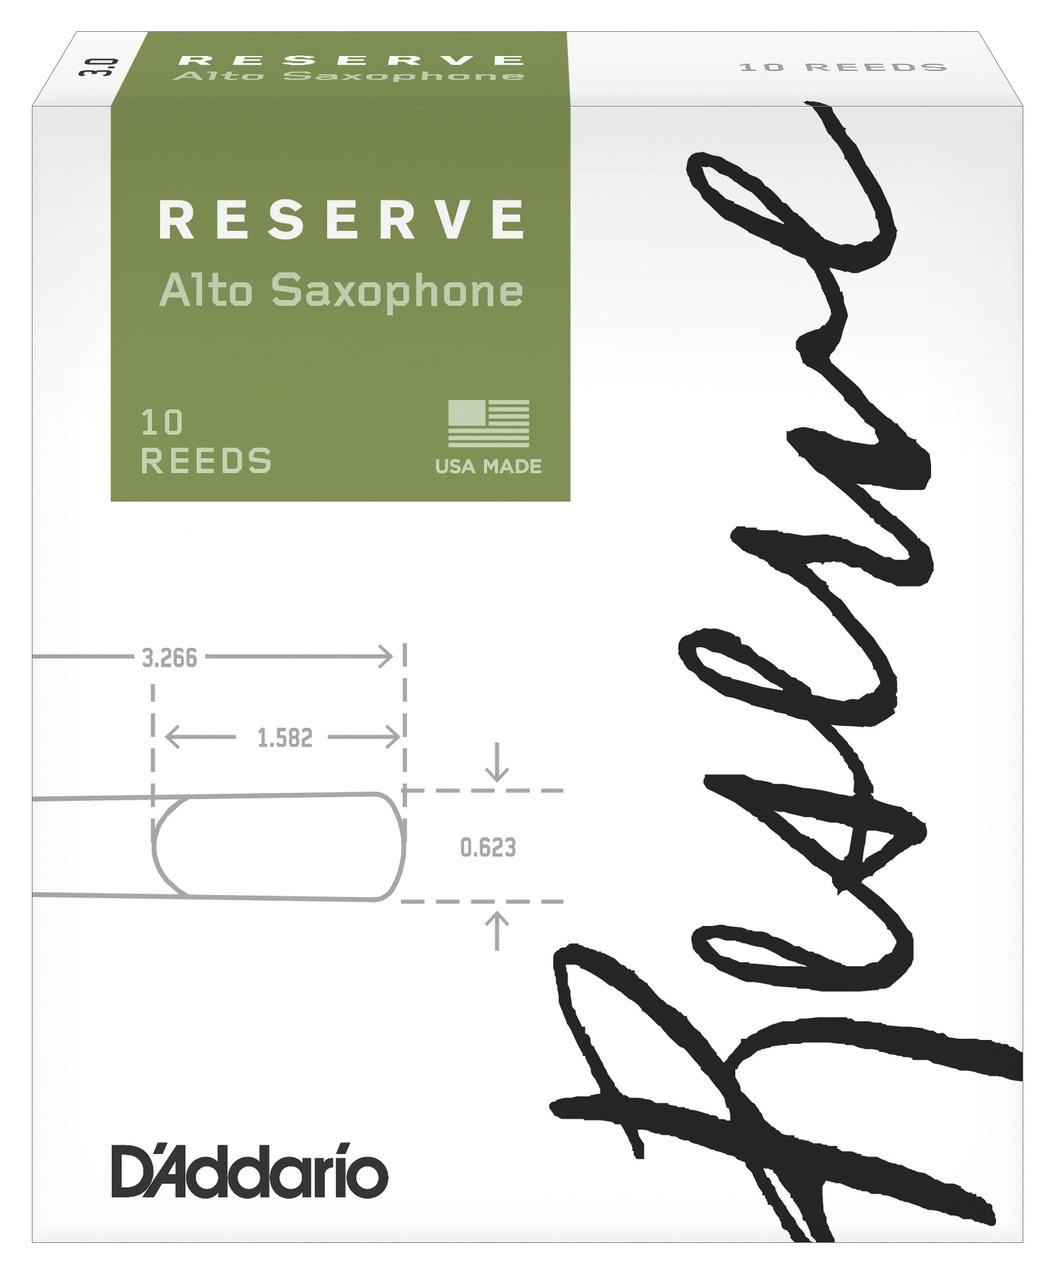 D'Addario Rico Reserve Alto Sax, 10 - 2,0